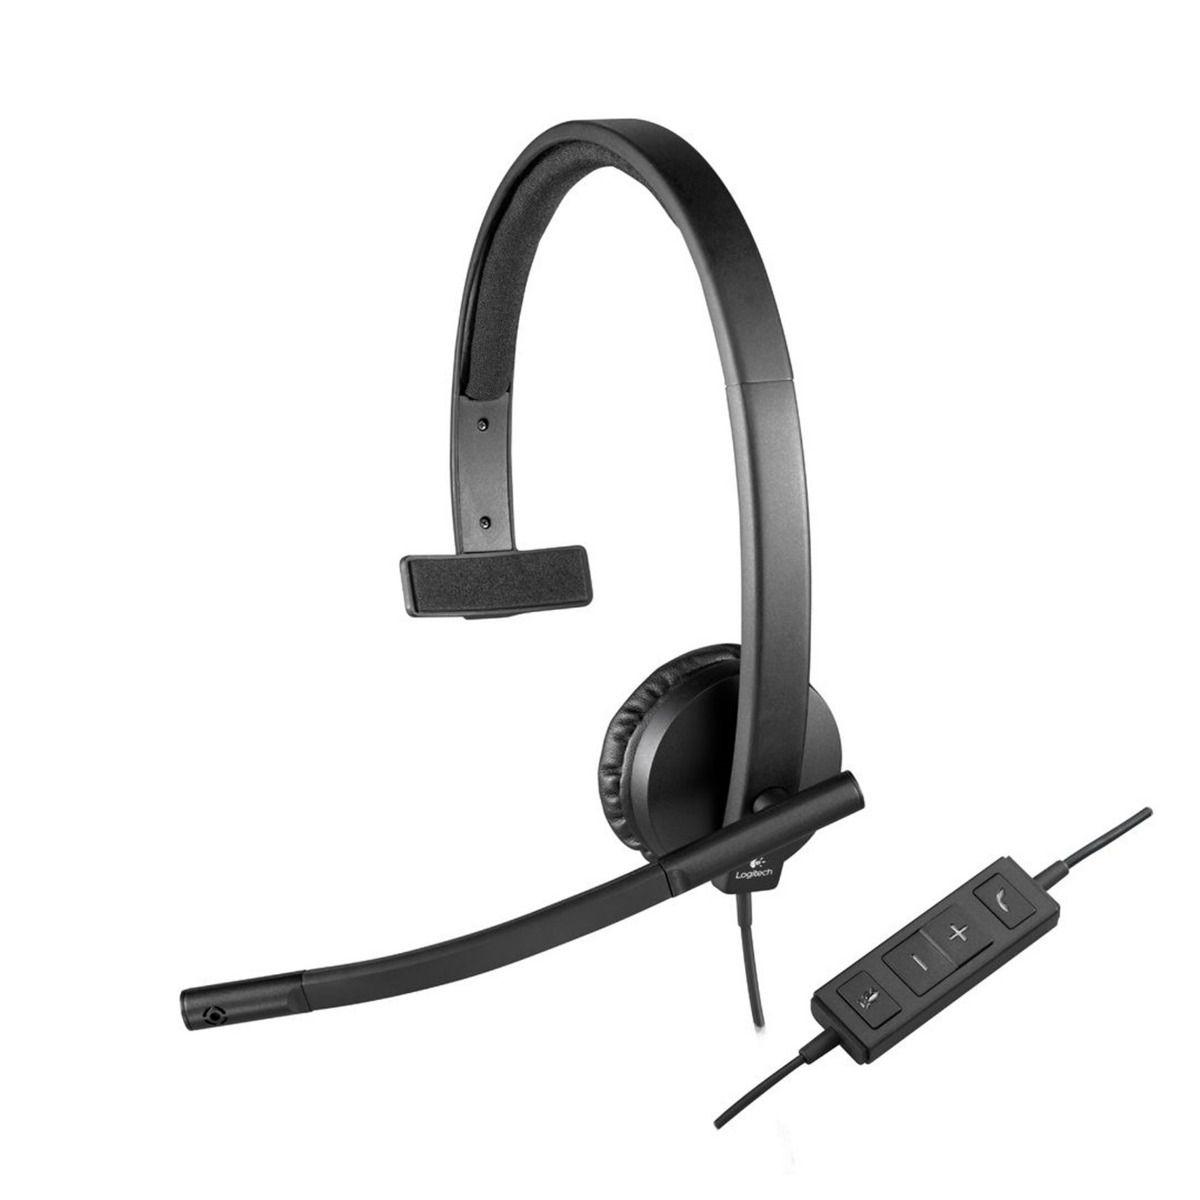 HEADSET USB LOGITECH H570e MONO